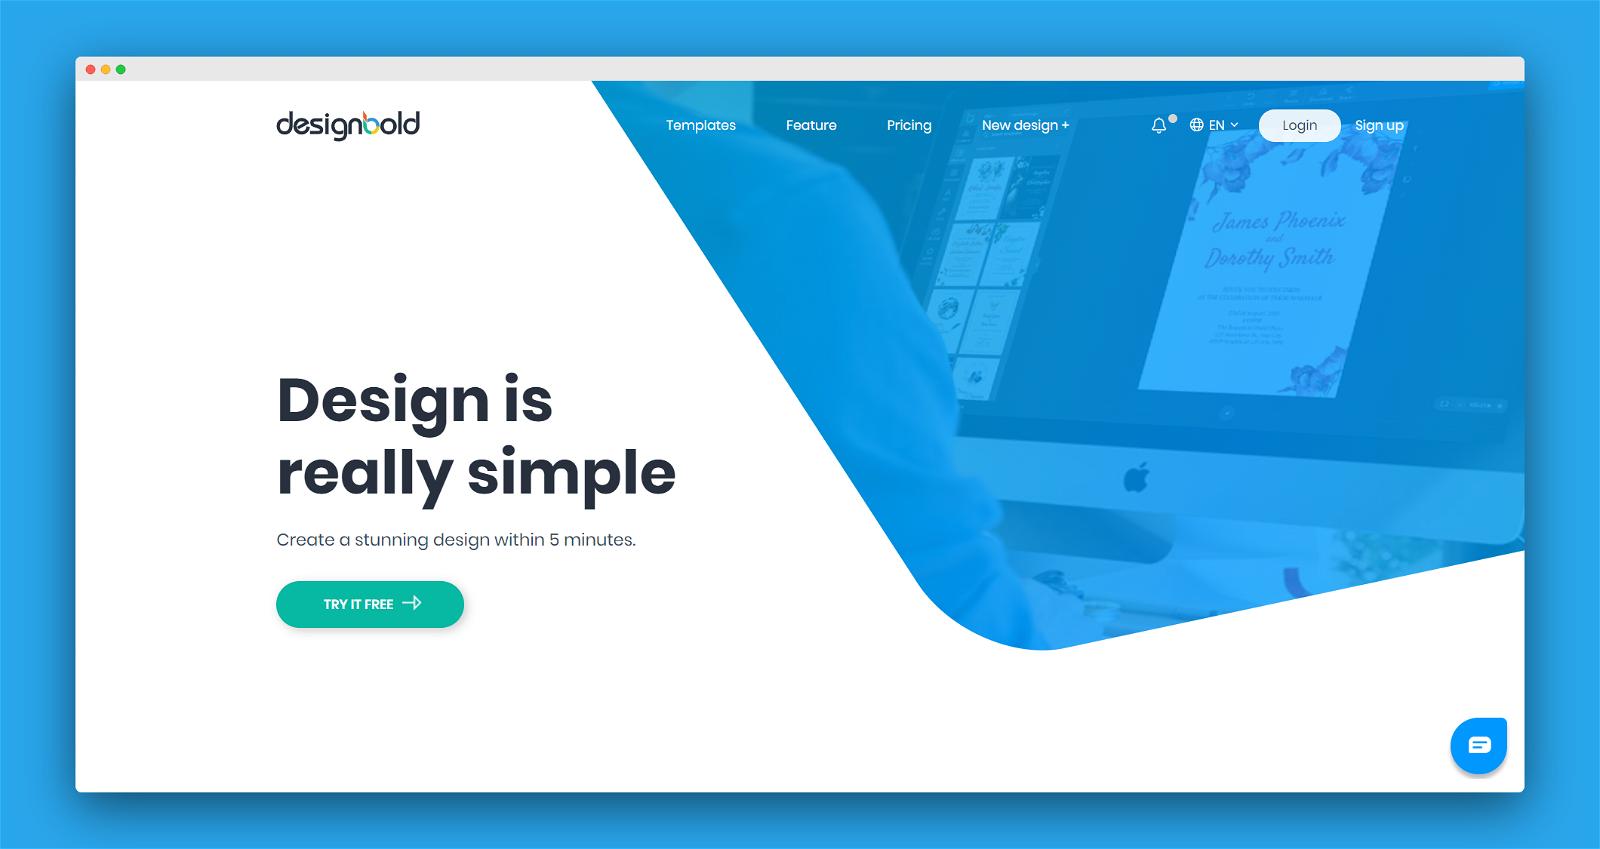 DesignBold Screenshot 1